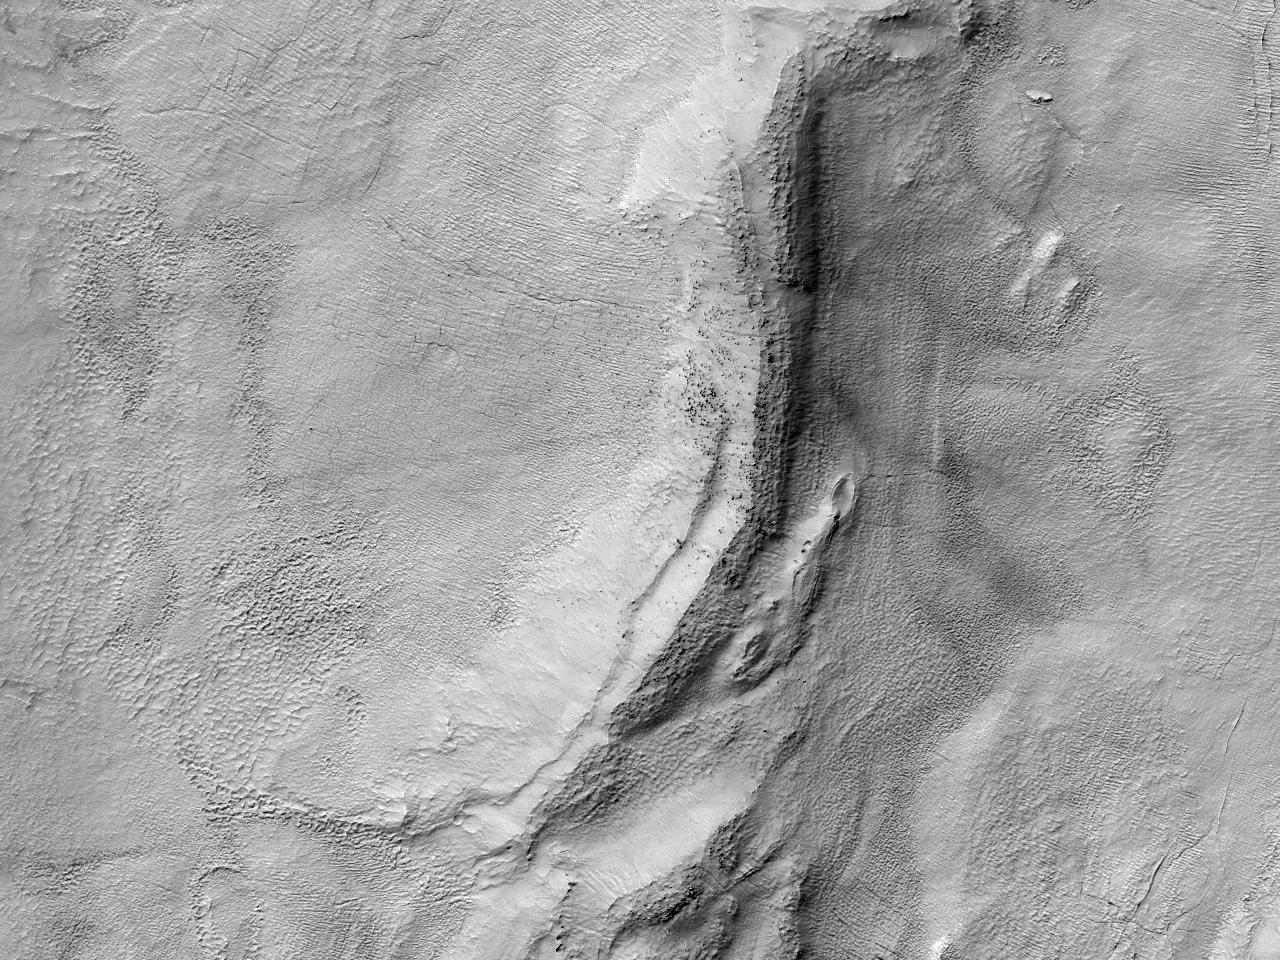 Podeaua Hellas Planitia